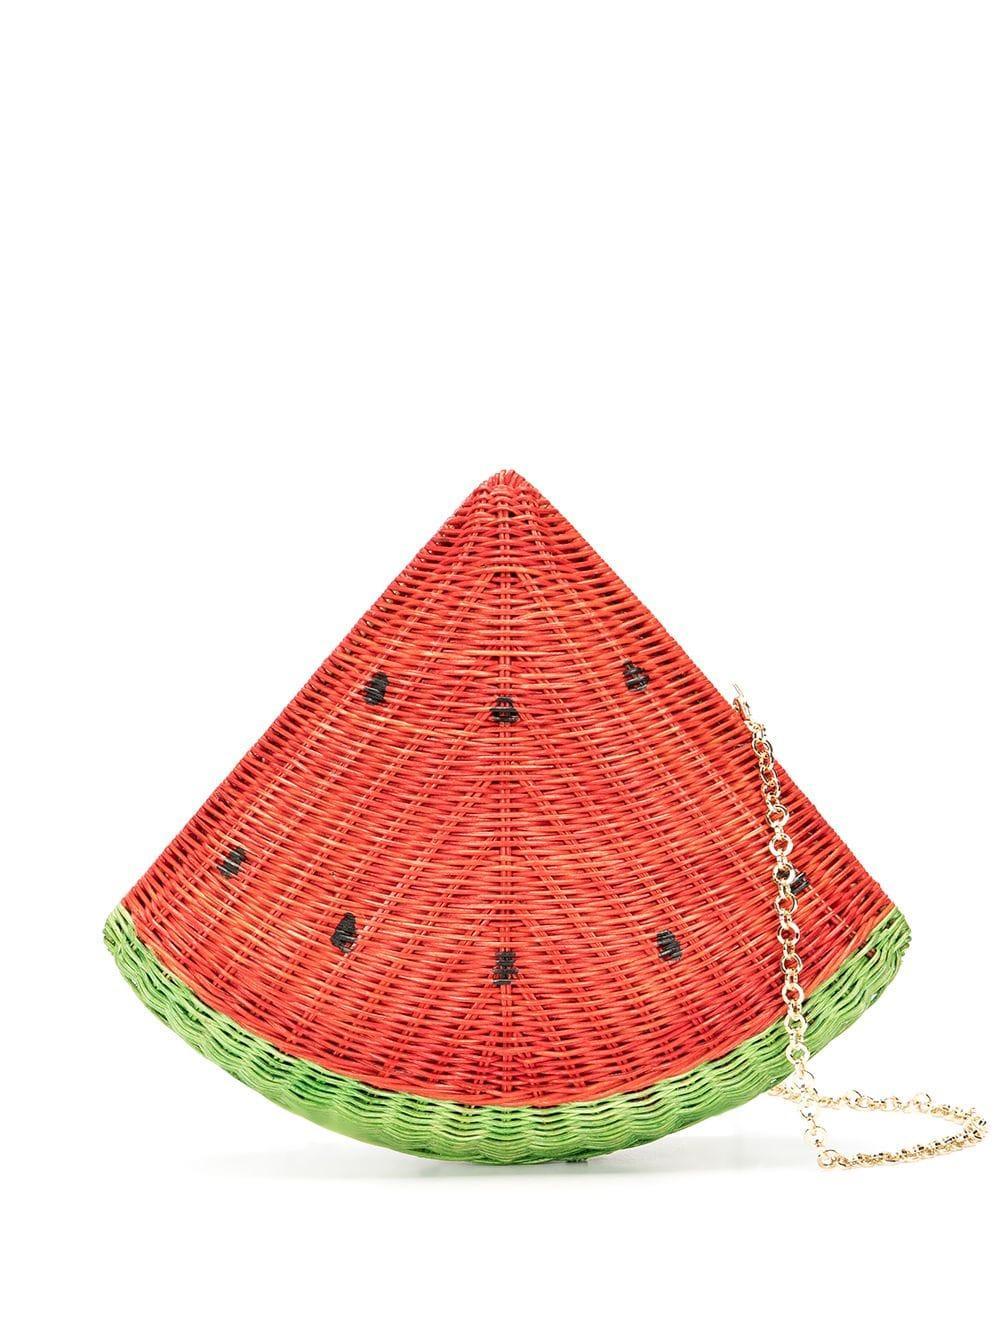 Watermelon Slice Clutch Item # 9998